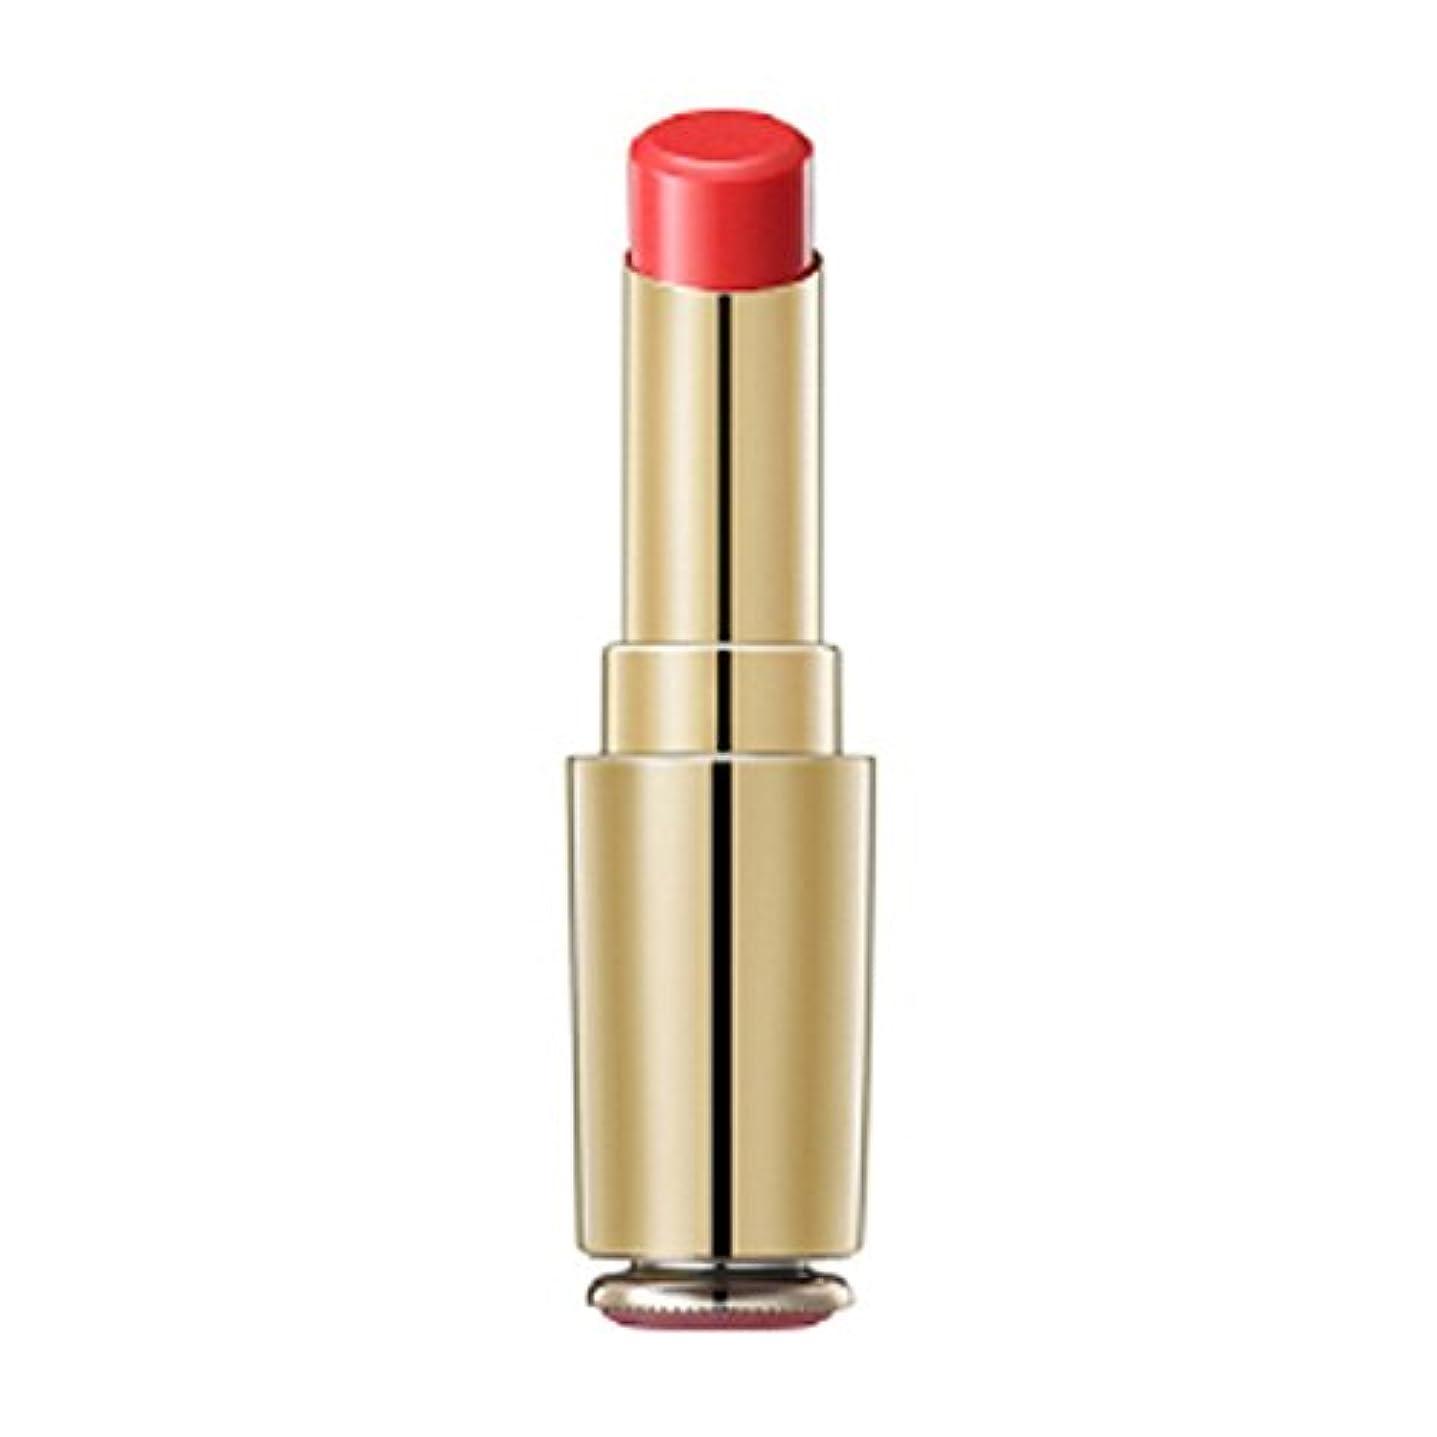 硬さ膨らみパラメータソルファス Essential Lip Serum Stick - # No. 3 Flower Pink 3g/0.1oz並行輸入品